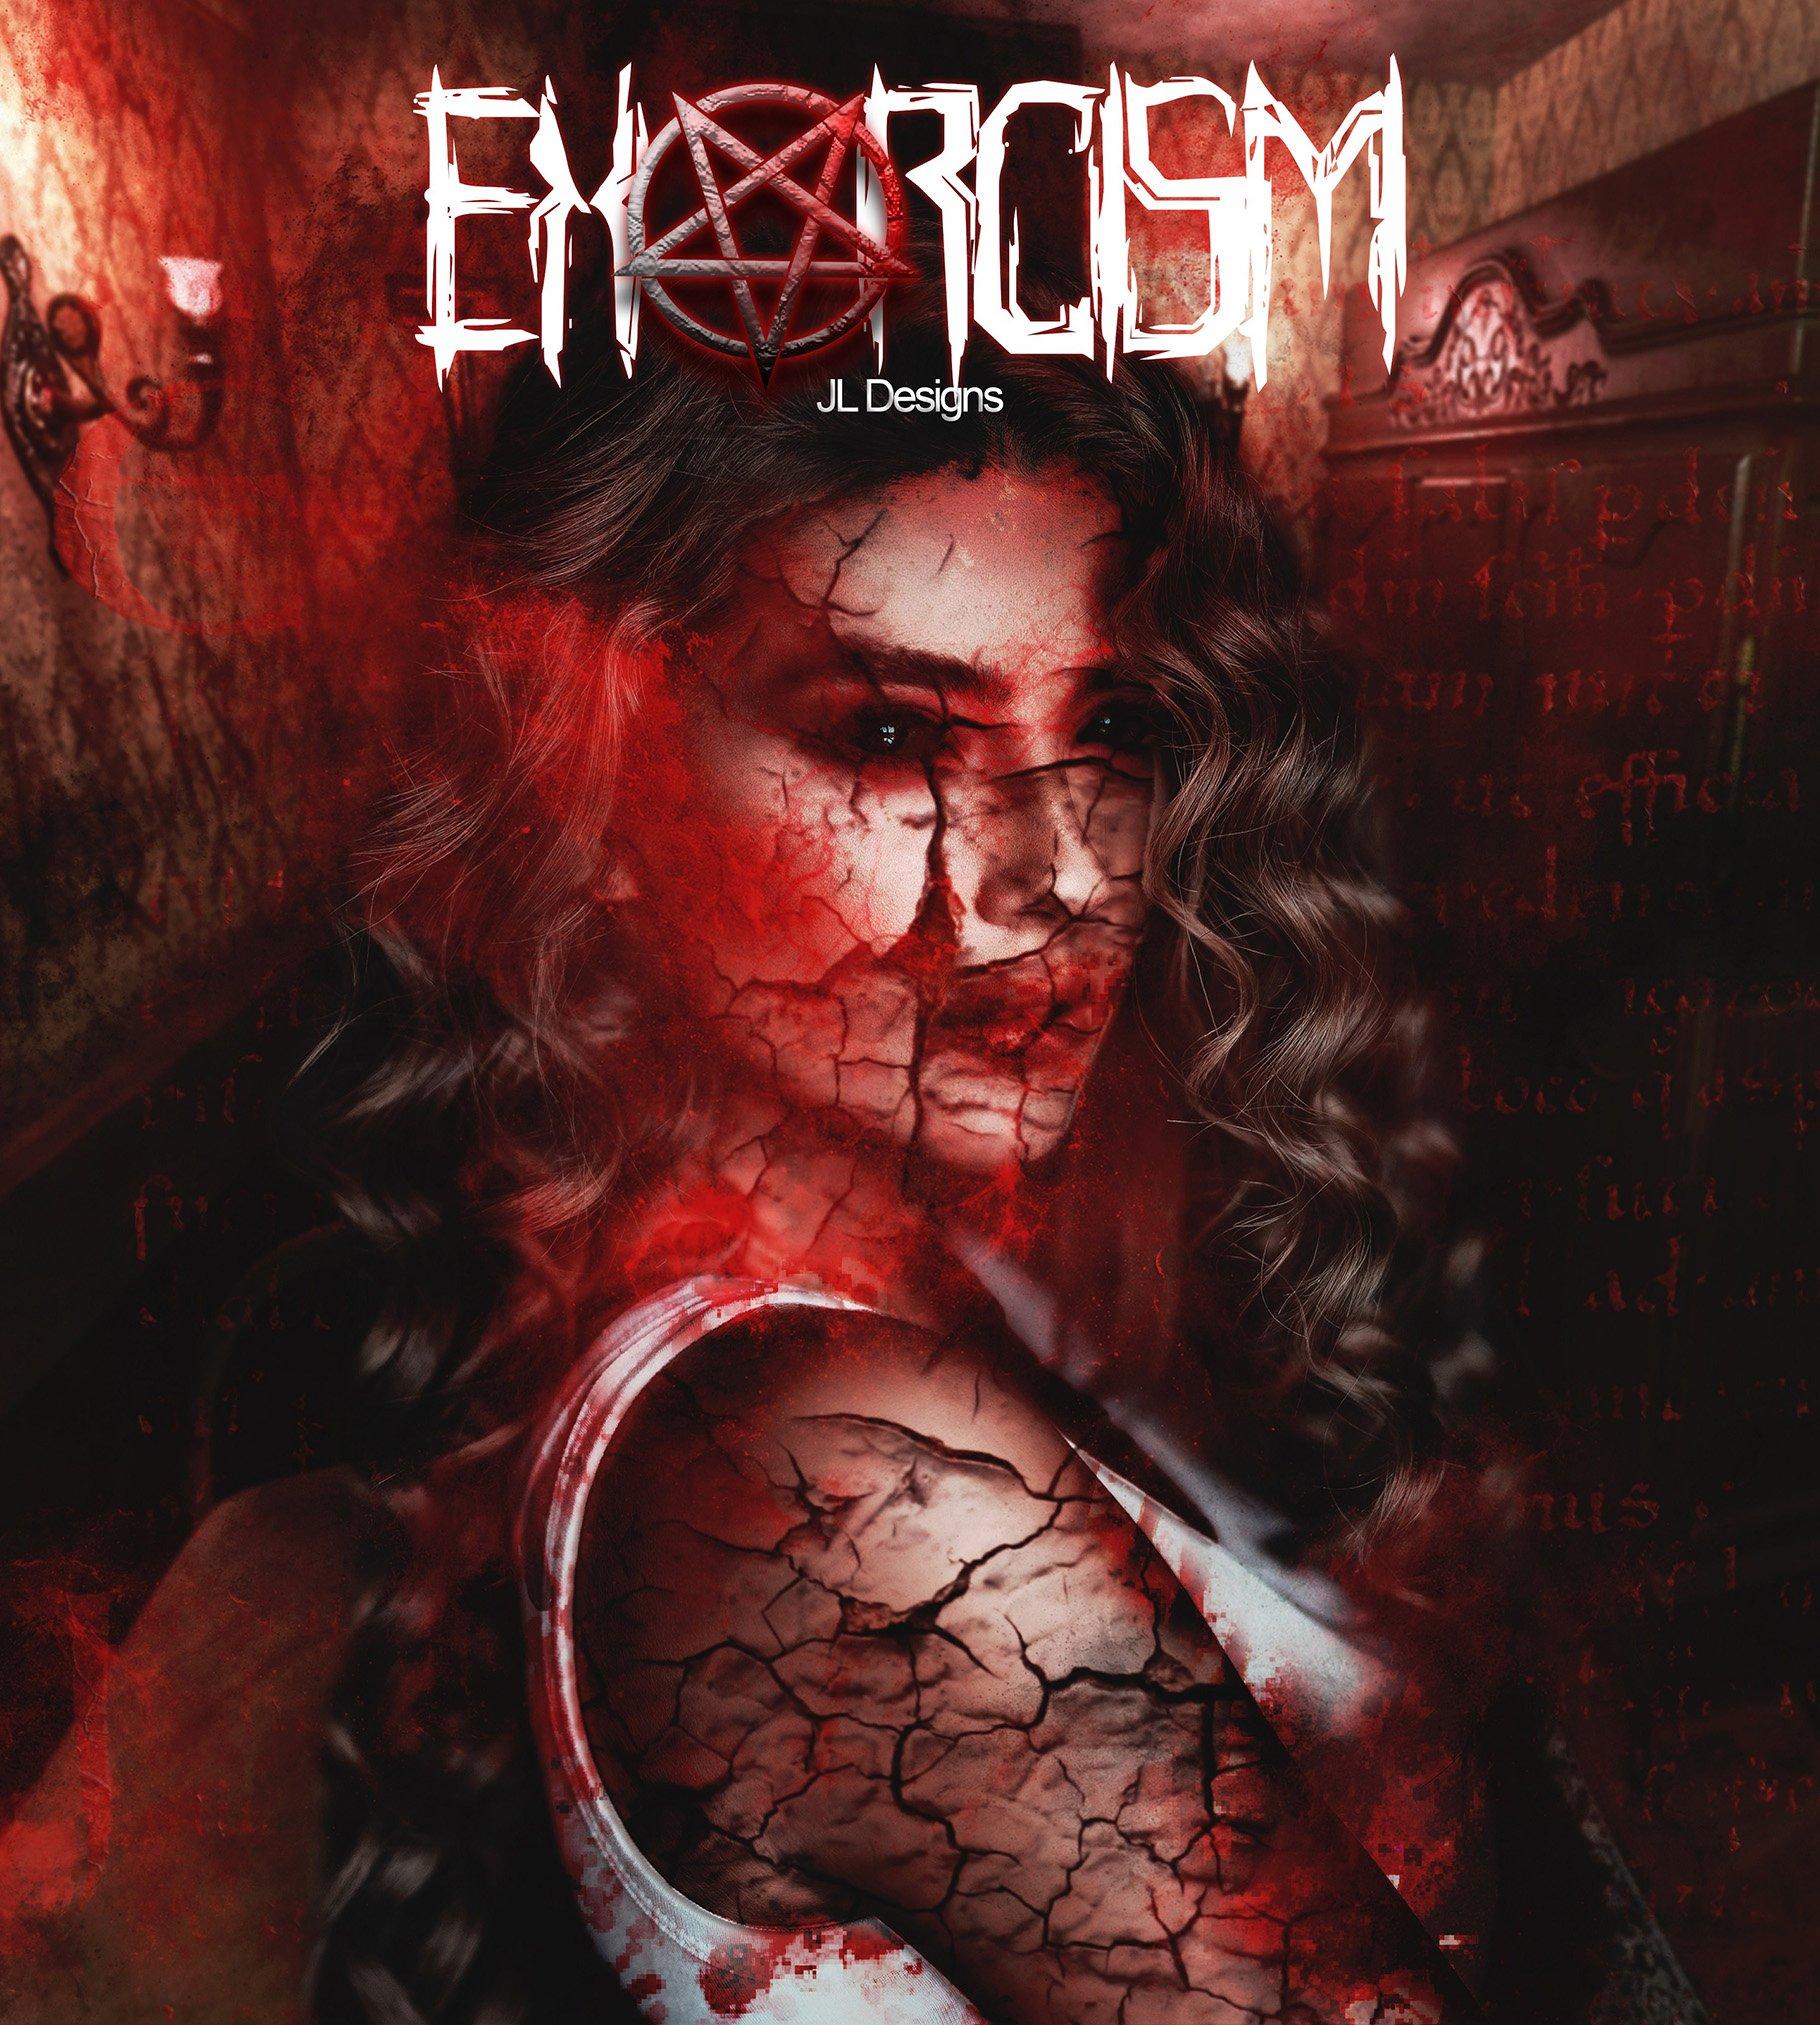 Exorcism Photoshop Action - دانلود اکشن فتوشاپ جنگیری Exorcism